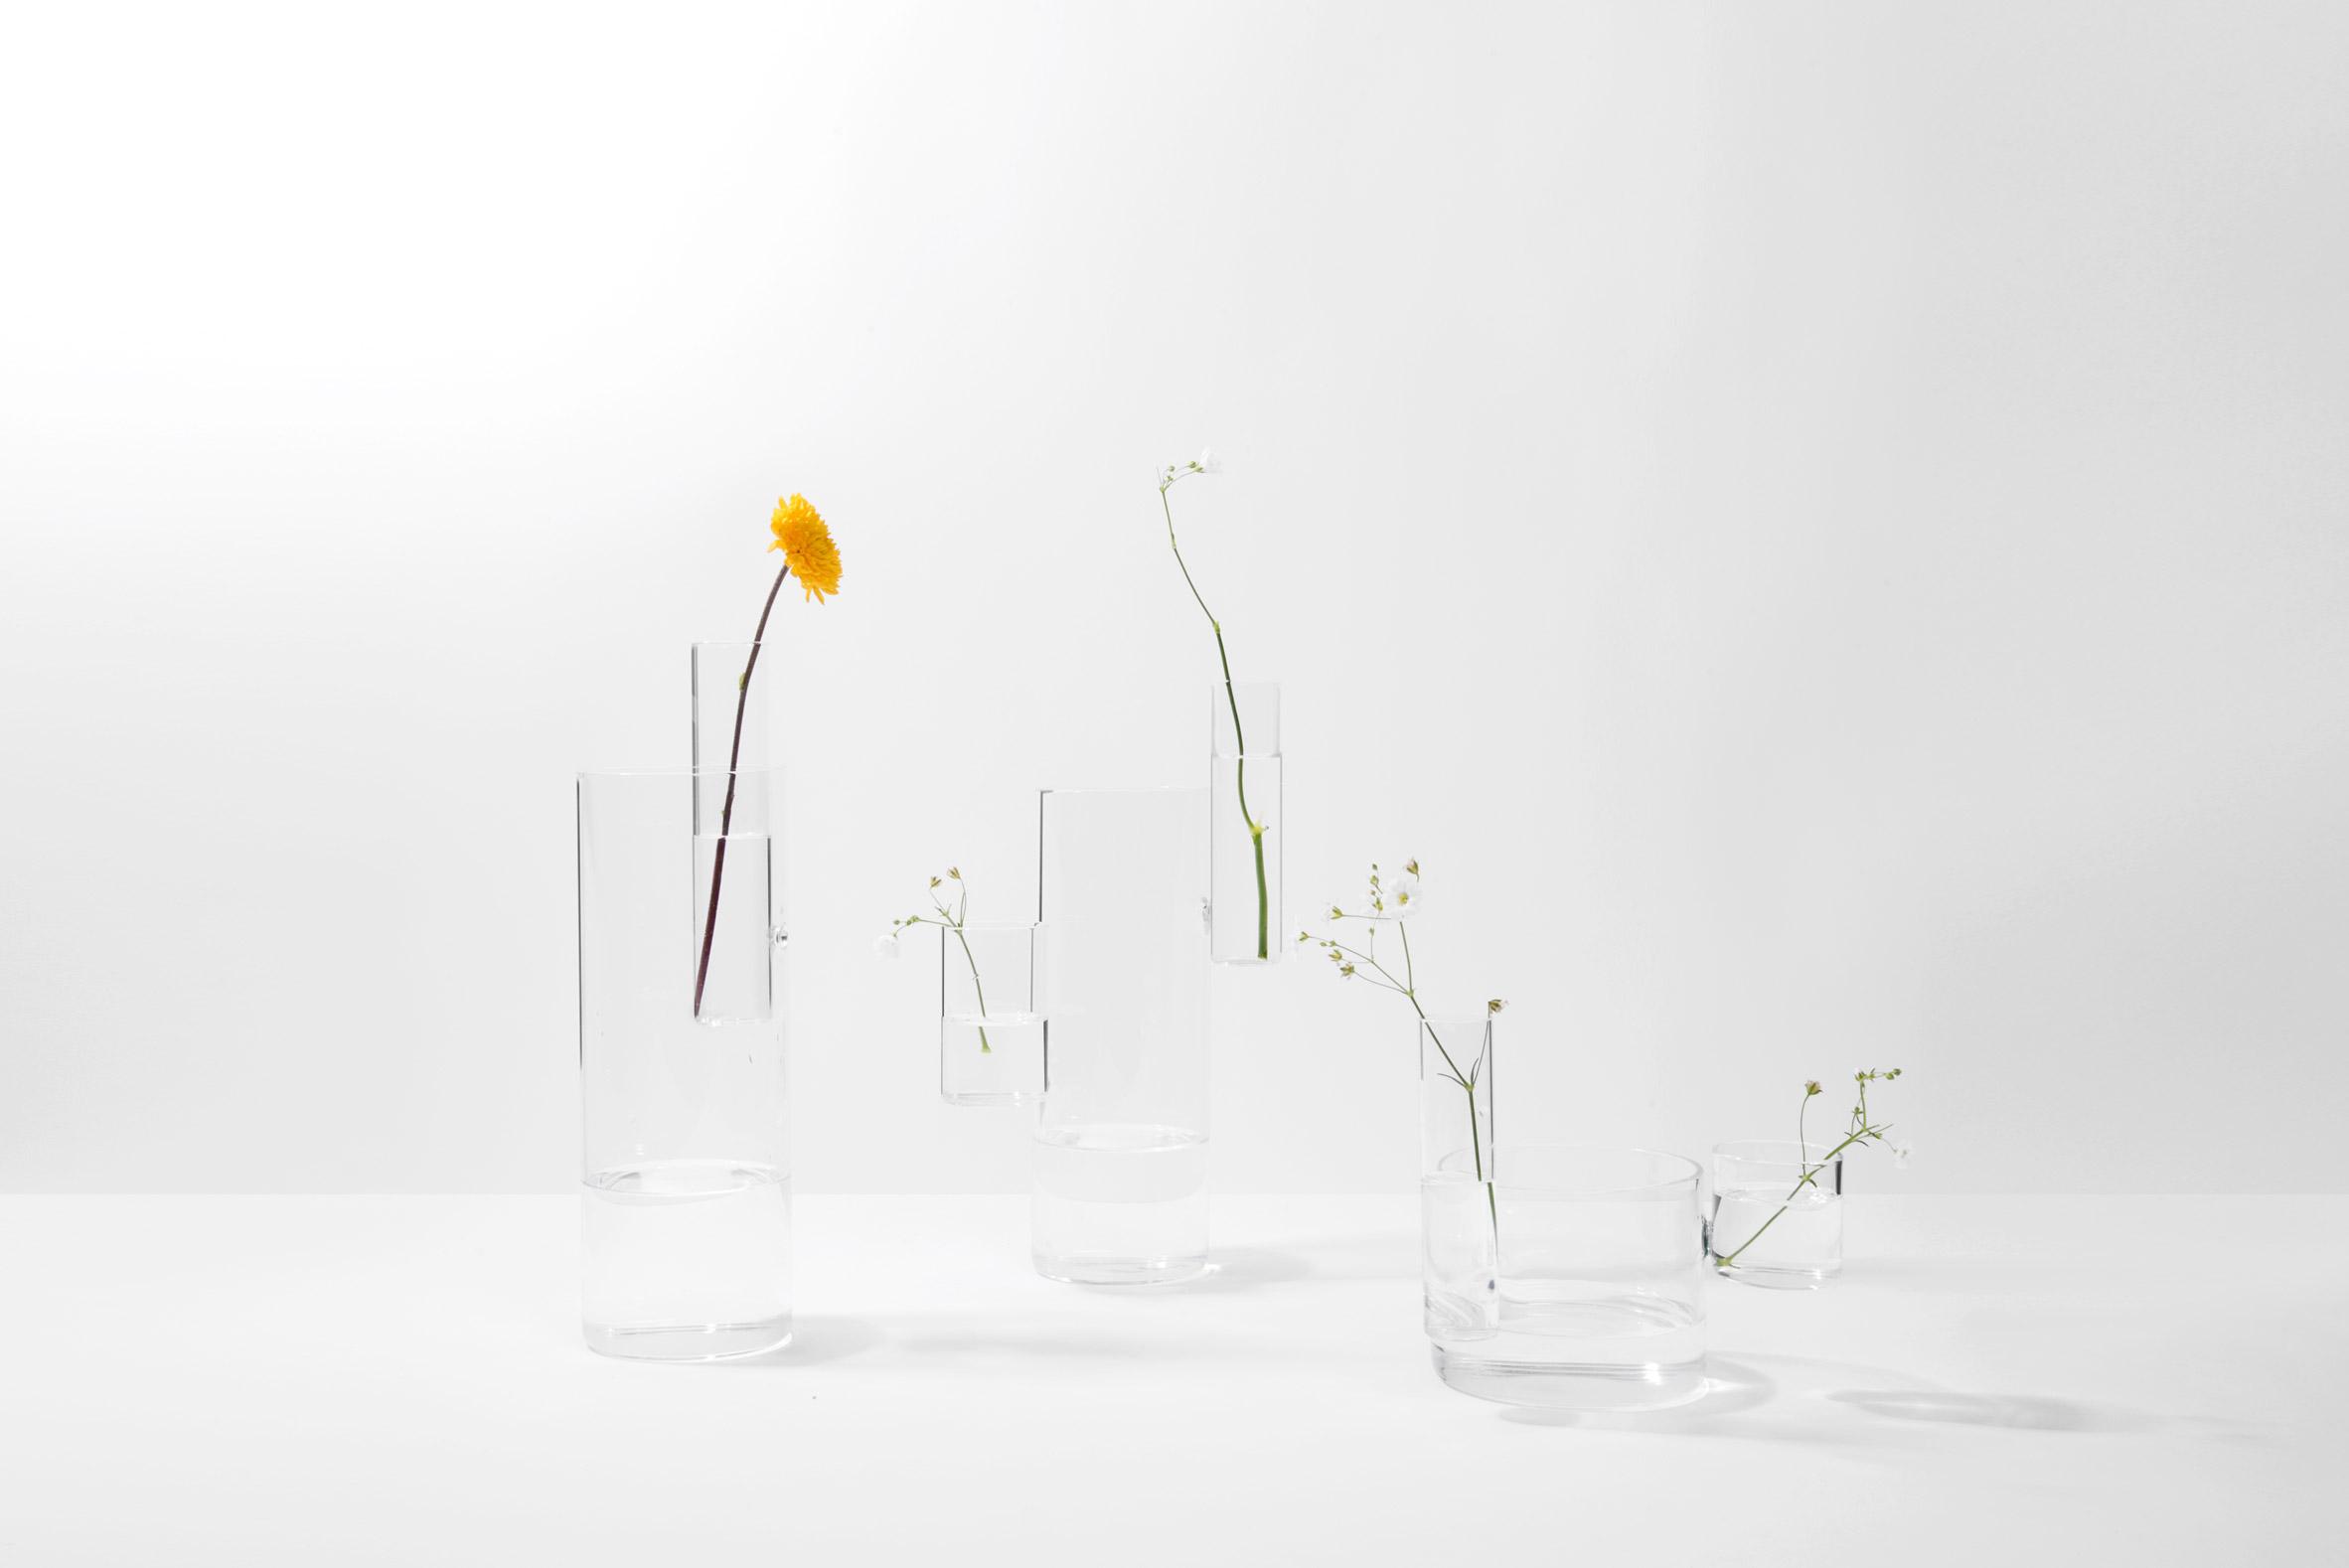 Playful Flower Vases by Designer Moises Hernandez (6 pics)